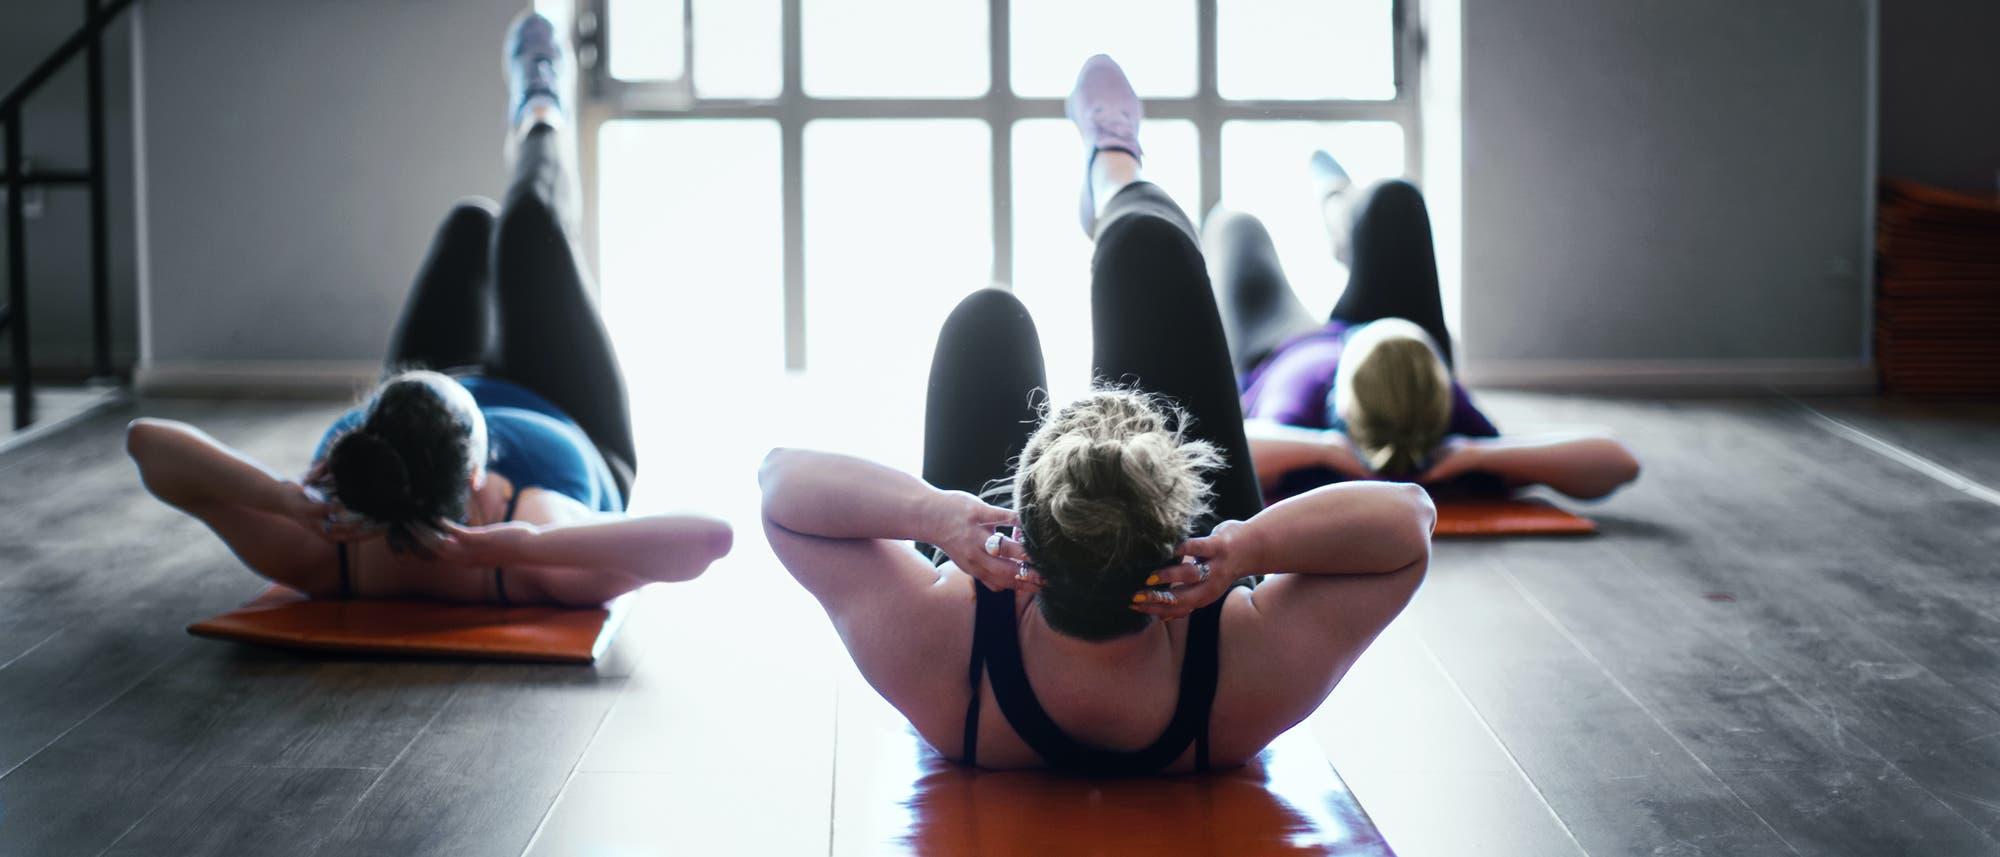 Drei Frauen machen Fitnessübungen in einem Trainingsraum